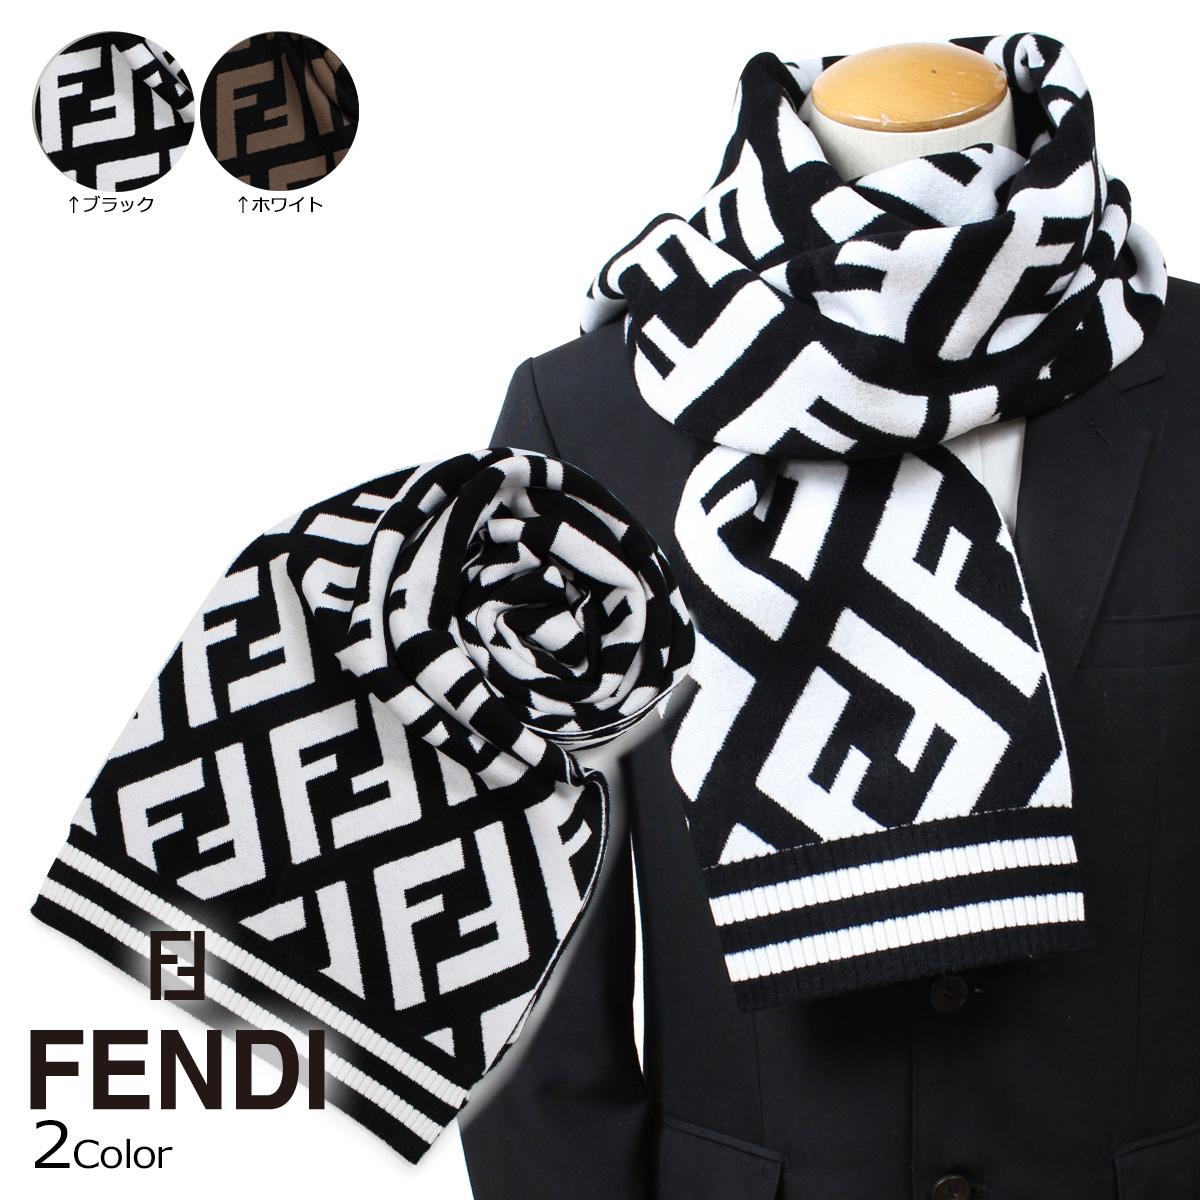 フェンディ FENDI マフラー スカーフ レディース ホワイト ブラウン FXT251 A2QJ [10/24 新入荷]